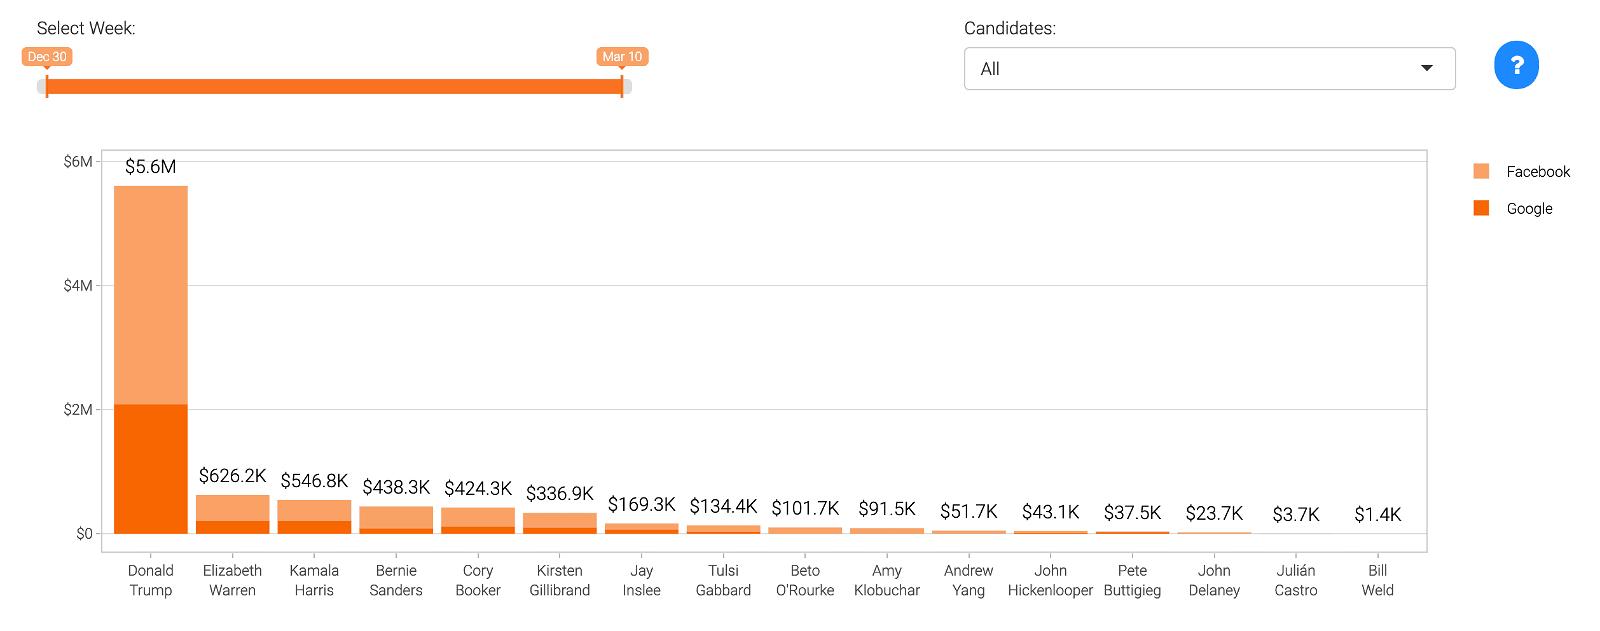 Spesa advertising dei politici americani per le elezioni del 2020